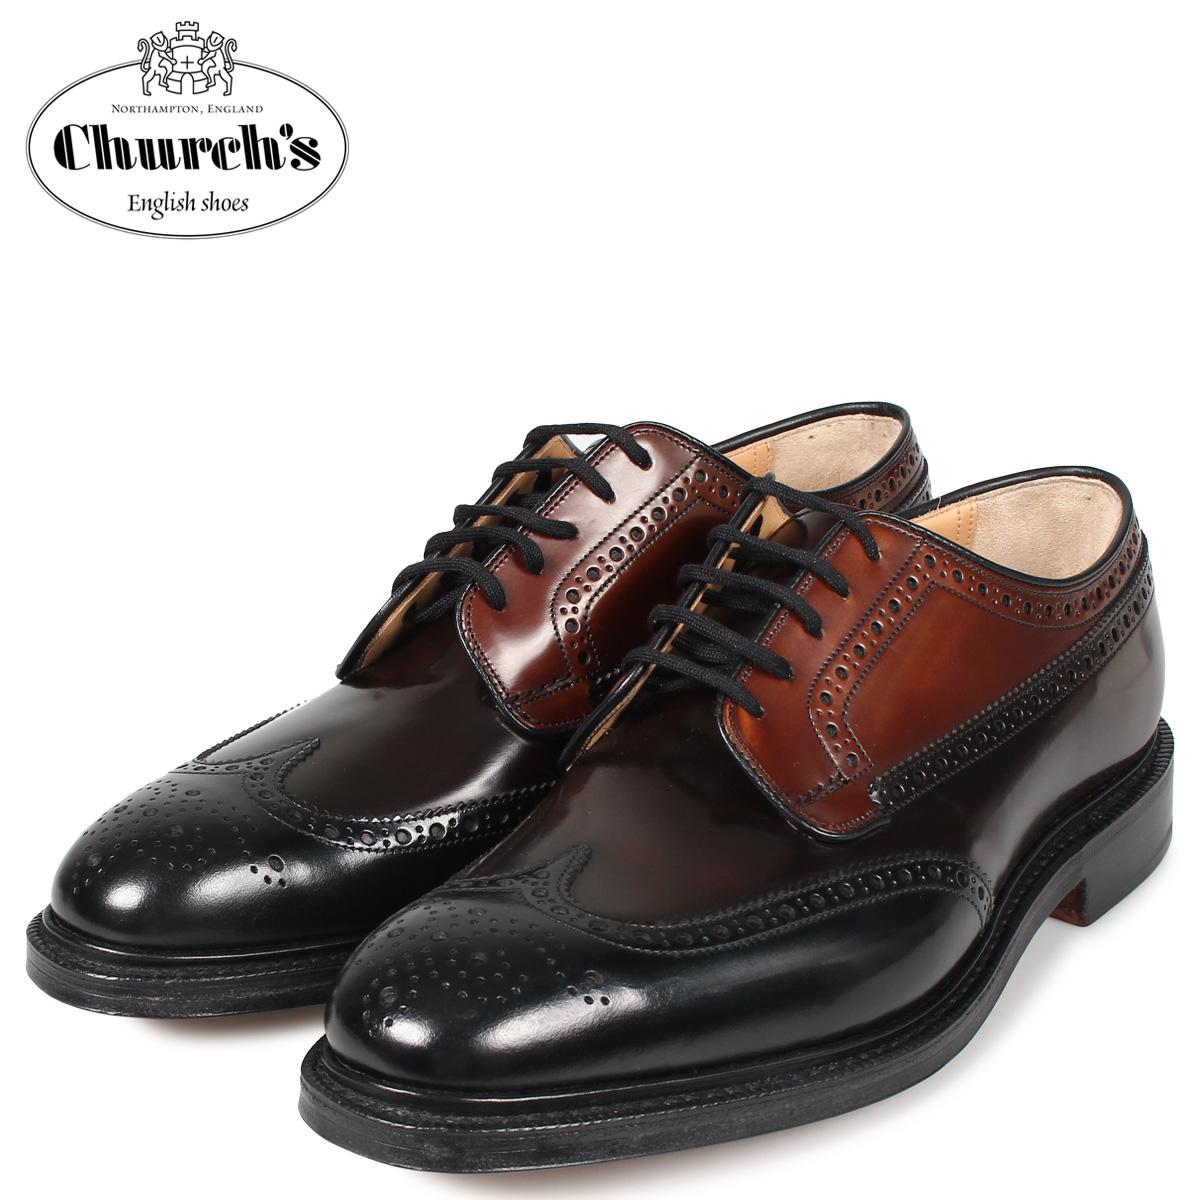 チャーチ Churchs グラフトン ウイングチップ 靴 シューズ メンズ GRAFTON ブラック 黒 EEB009